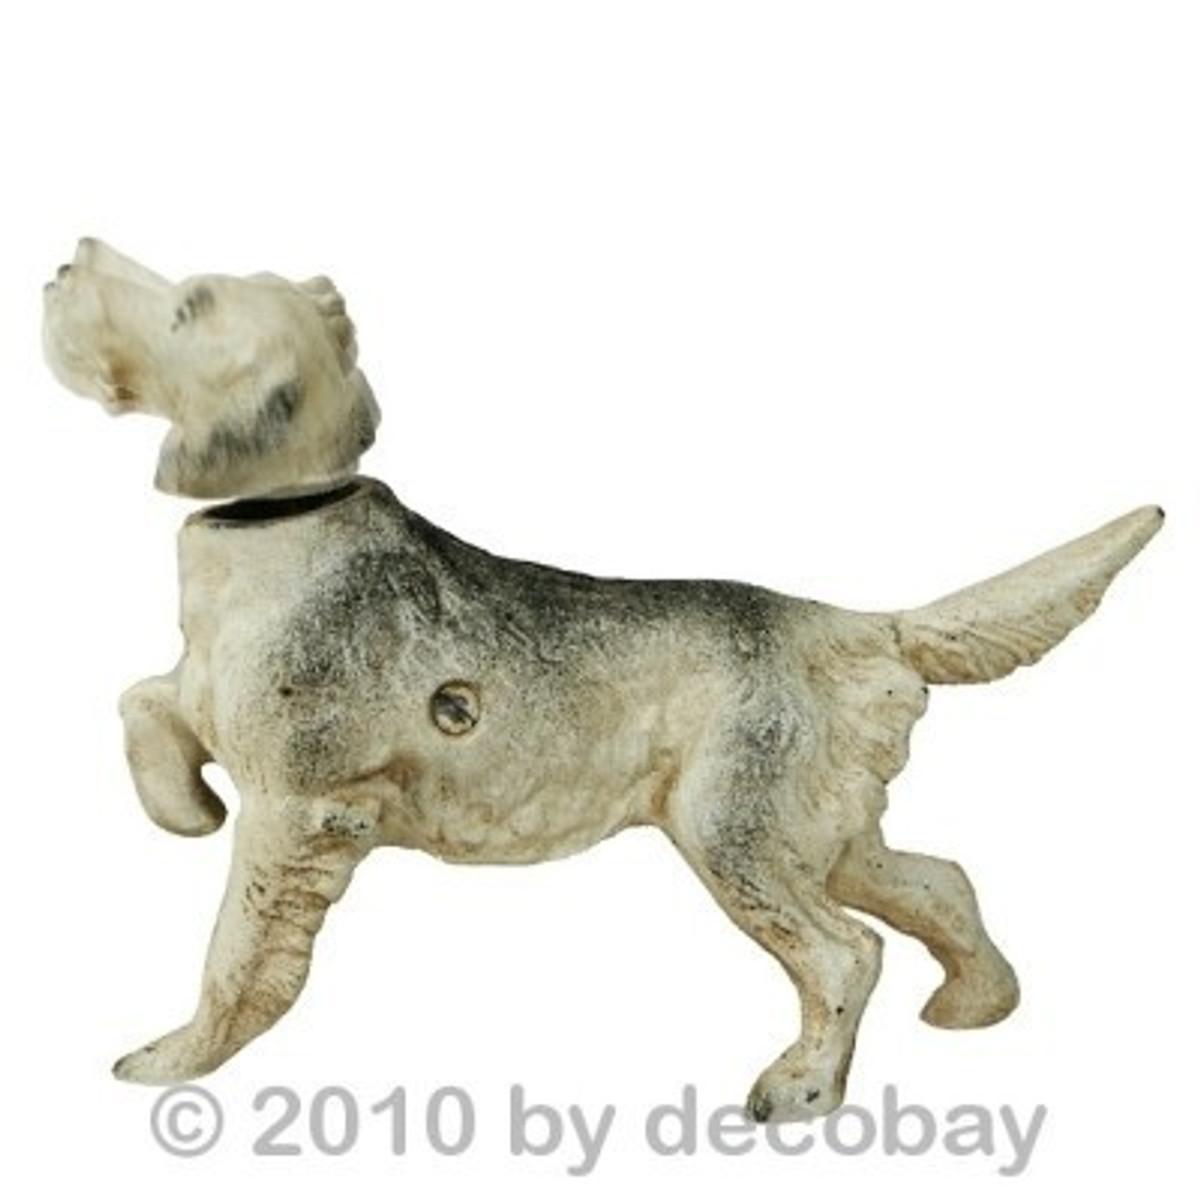 Wackelkopf Hunde Figur Statue kaufen als Dekoration und witzige Geschenkidee aus unserem Deko Online Shop.